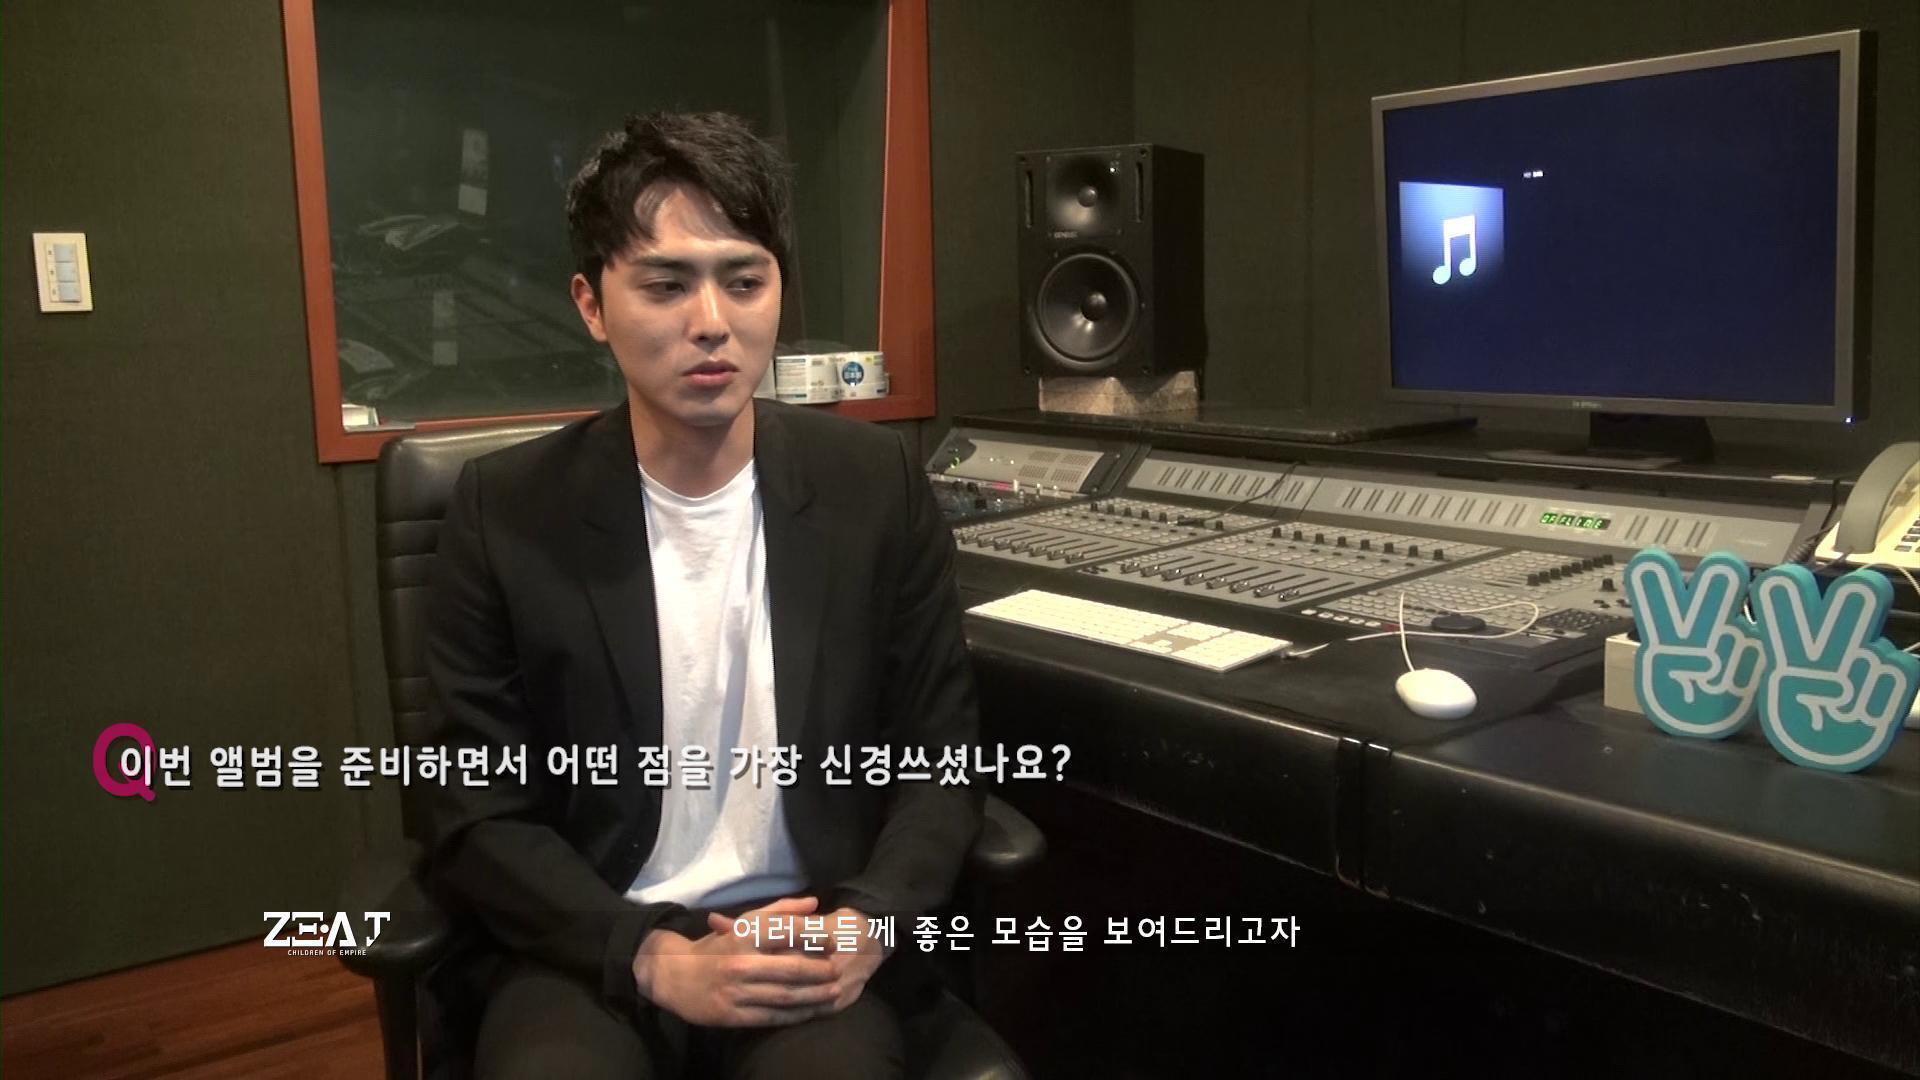 [ZE:A] 제국의아이들 유닛 ZE:A J 스페셜 인터뷰